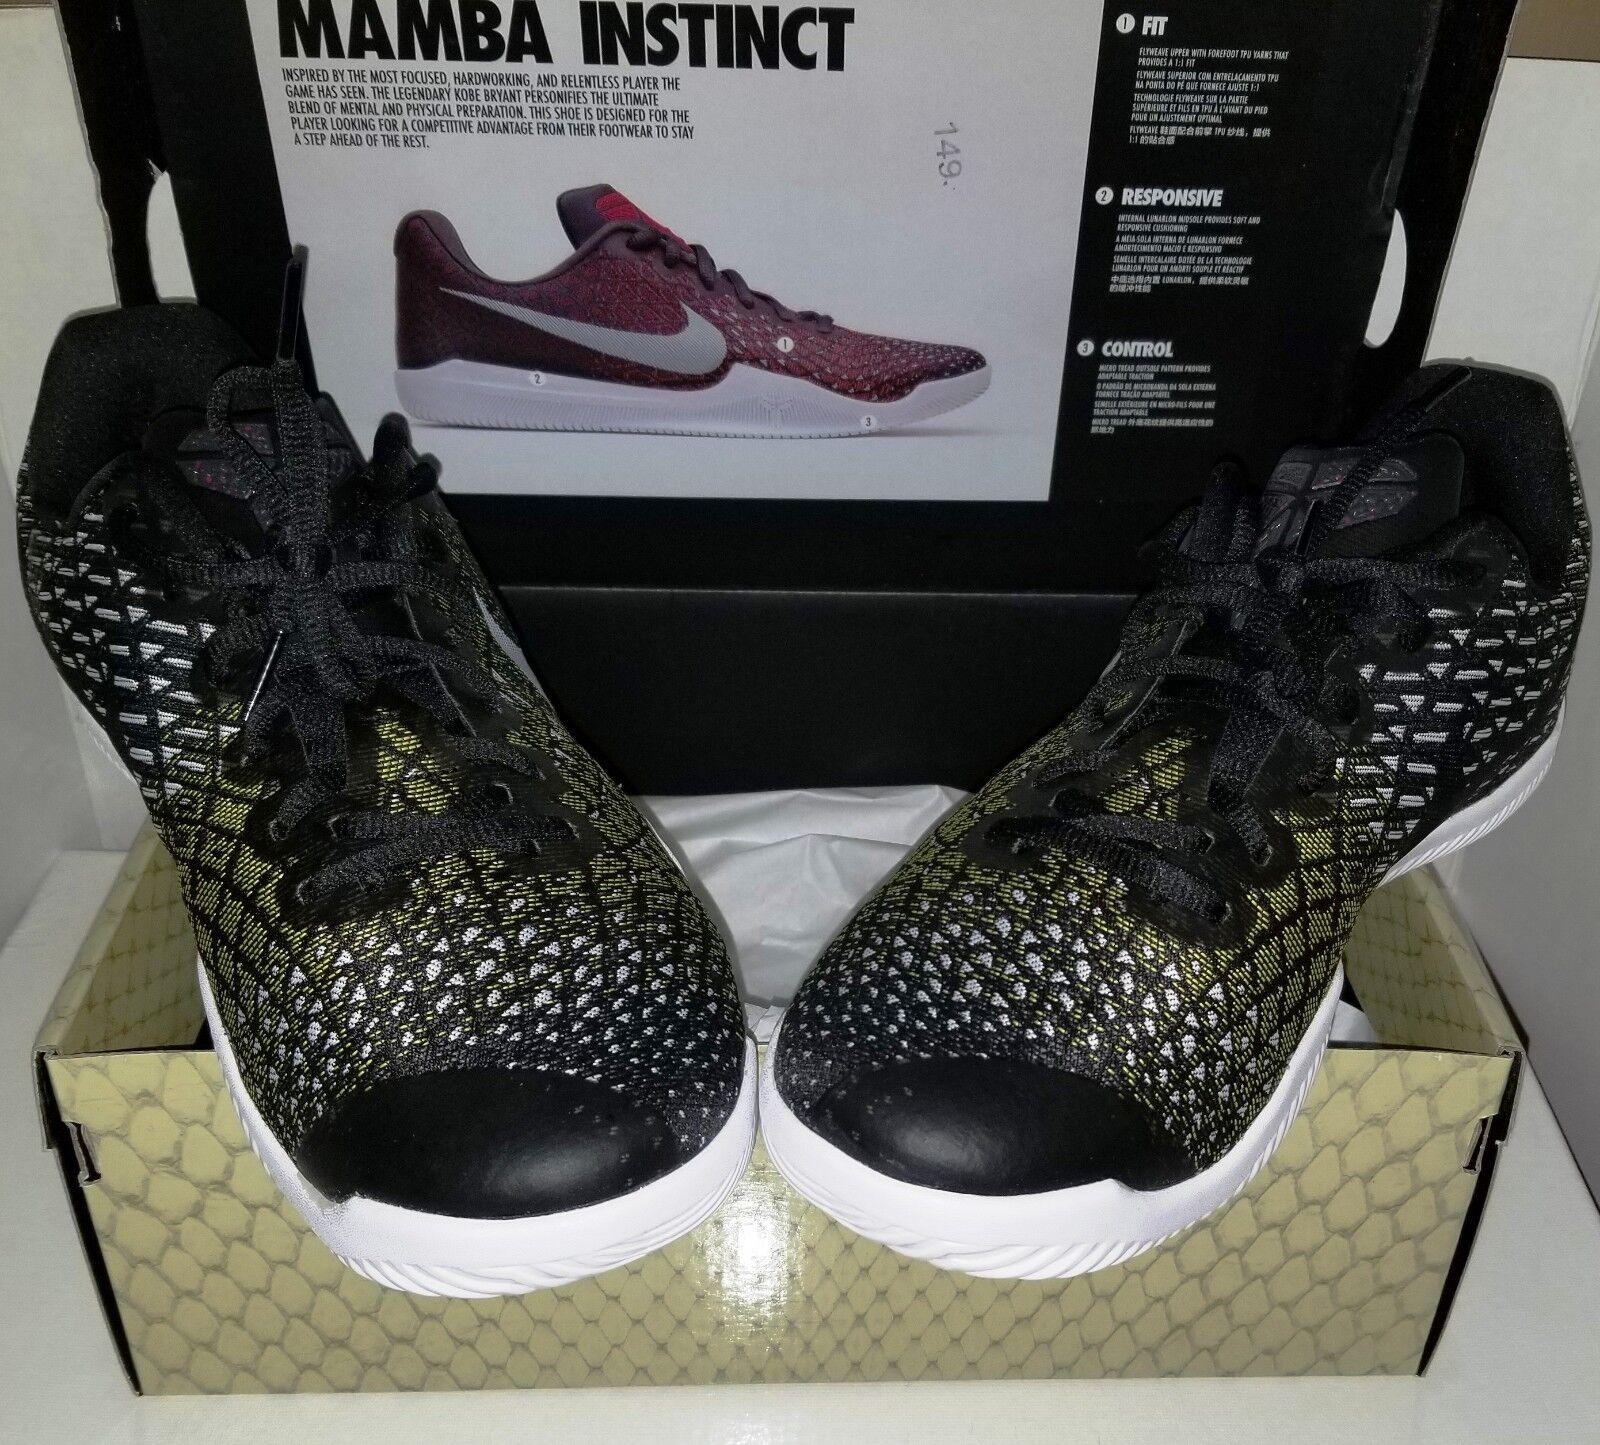 Nike Kobe instinto Hombre de zapatillas verde negro blanco zapatos de Hombre baloncesto de tamaño 11 nueva gran descuento c07a84